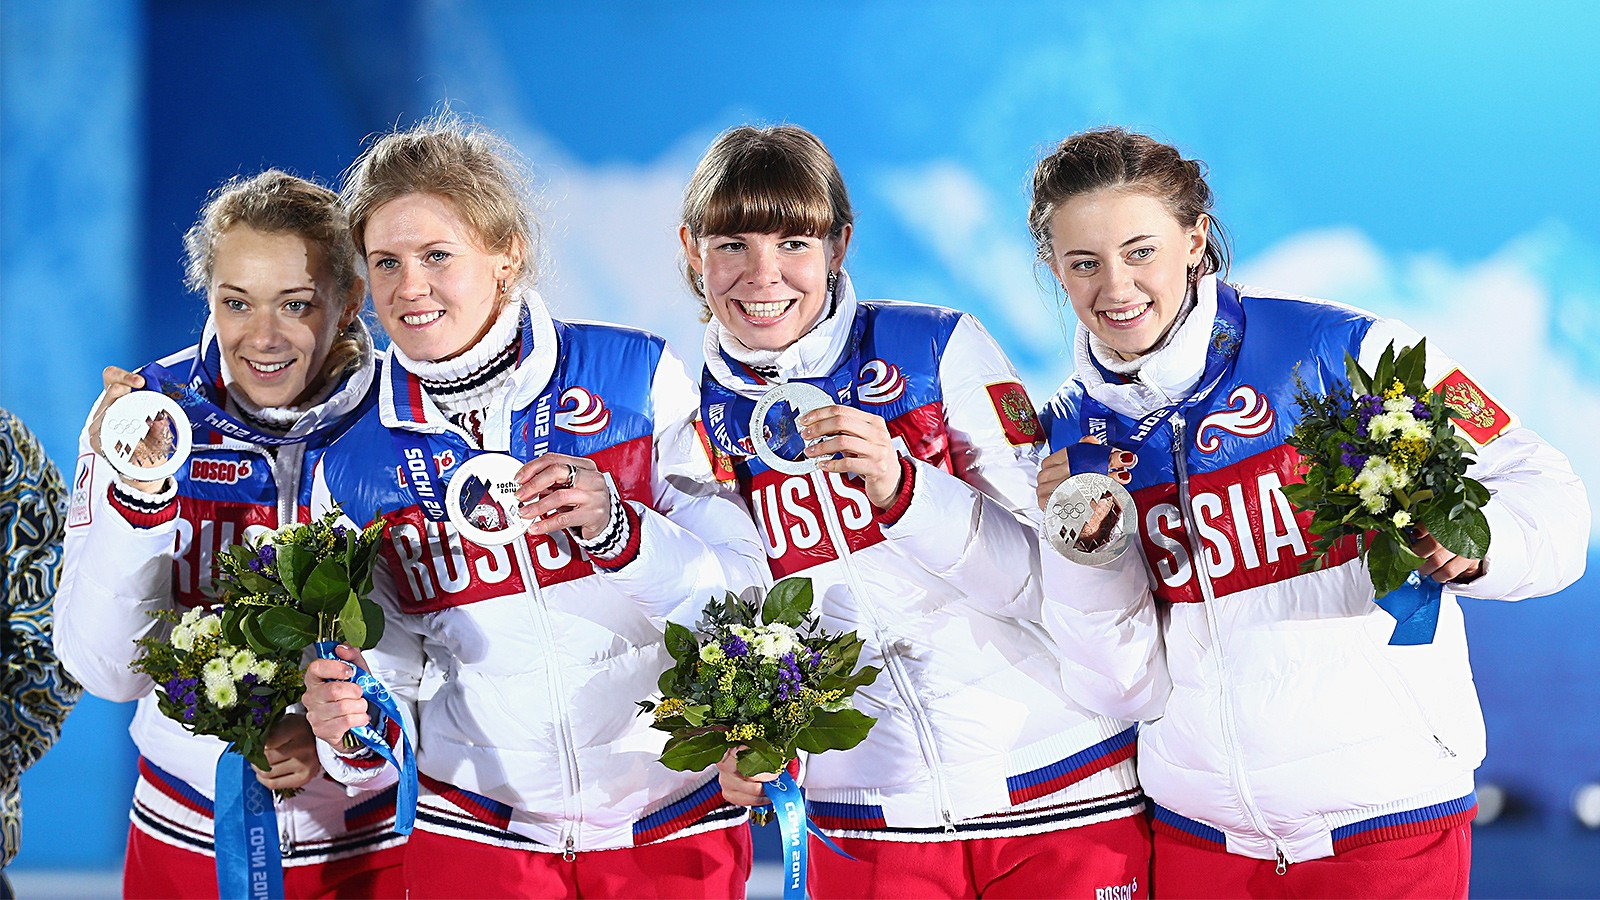 Новые улики в деле российских биатлонисток Зайцевой, Вилухиной, Романовой. Можно праздновать победу